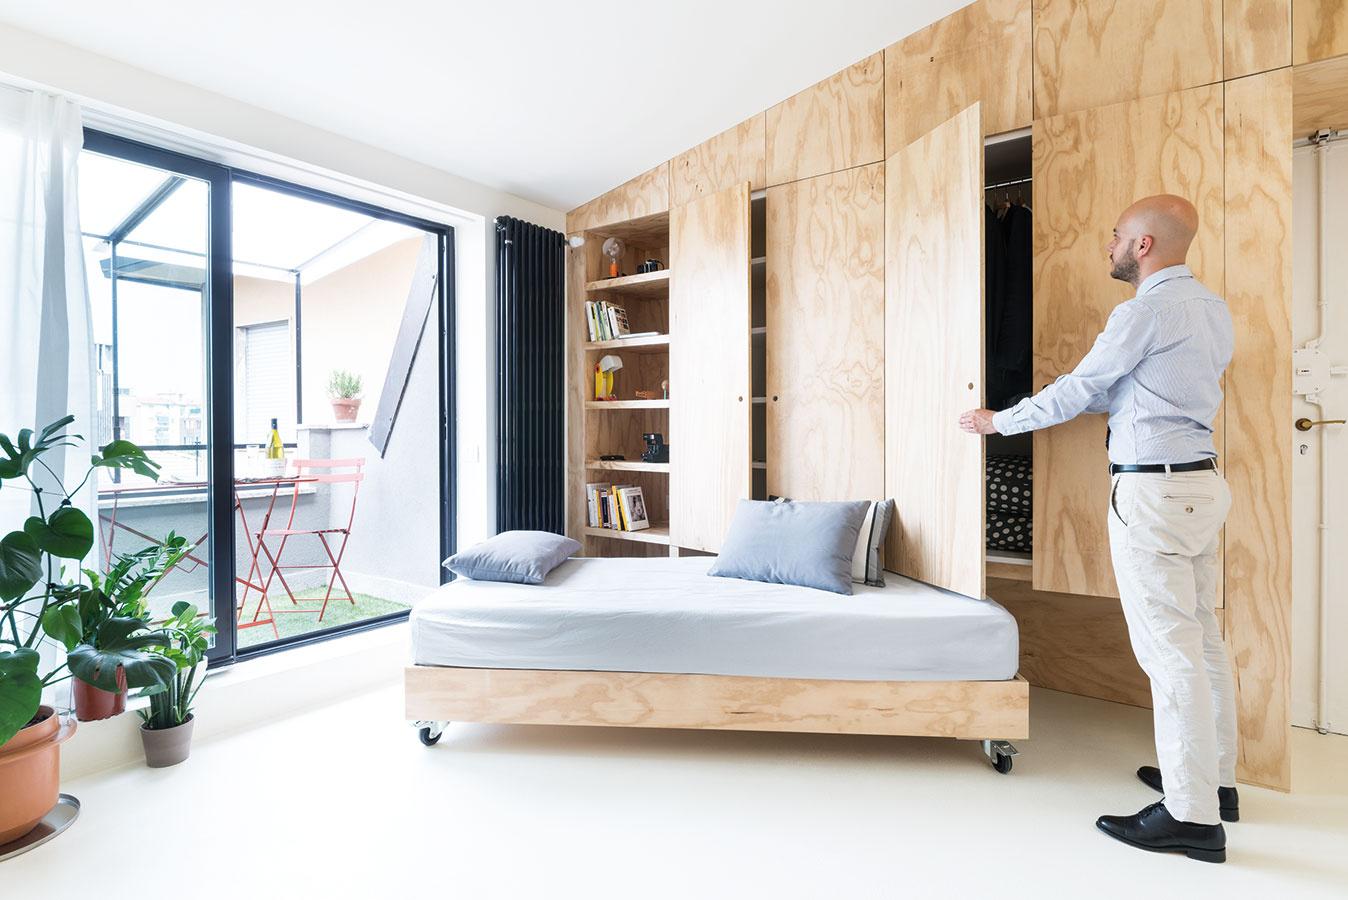 Vysúvacie jednolôžko na kolieskach plní vpriestore funkciu sedačky avýborne poslúži aj ako posteľ pre hostí.